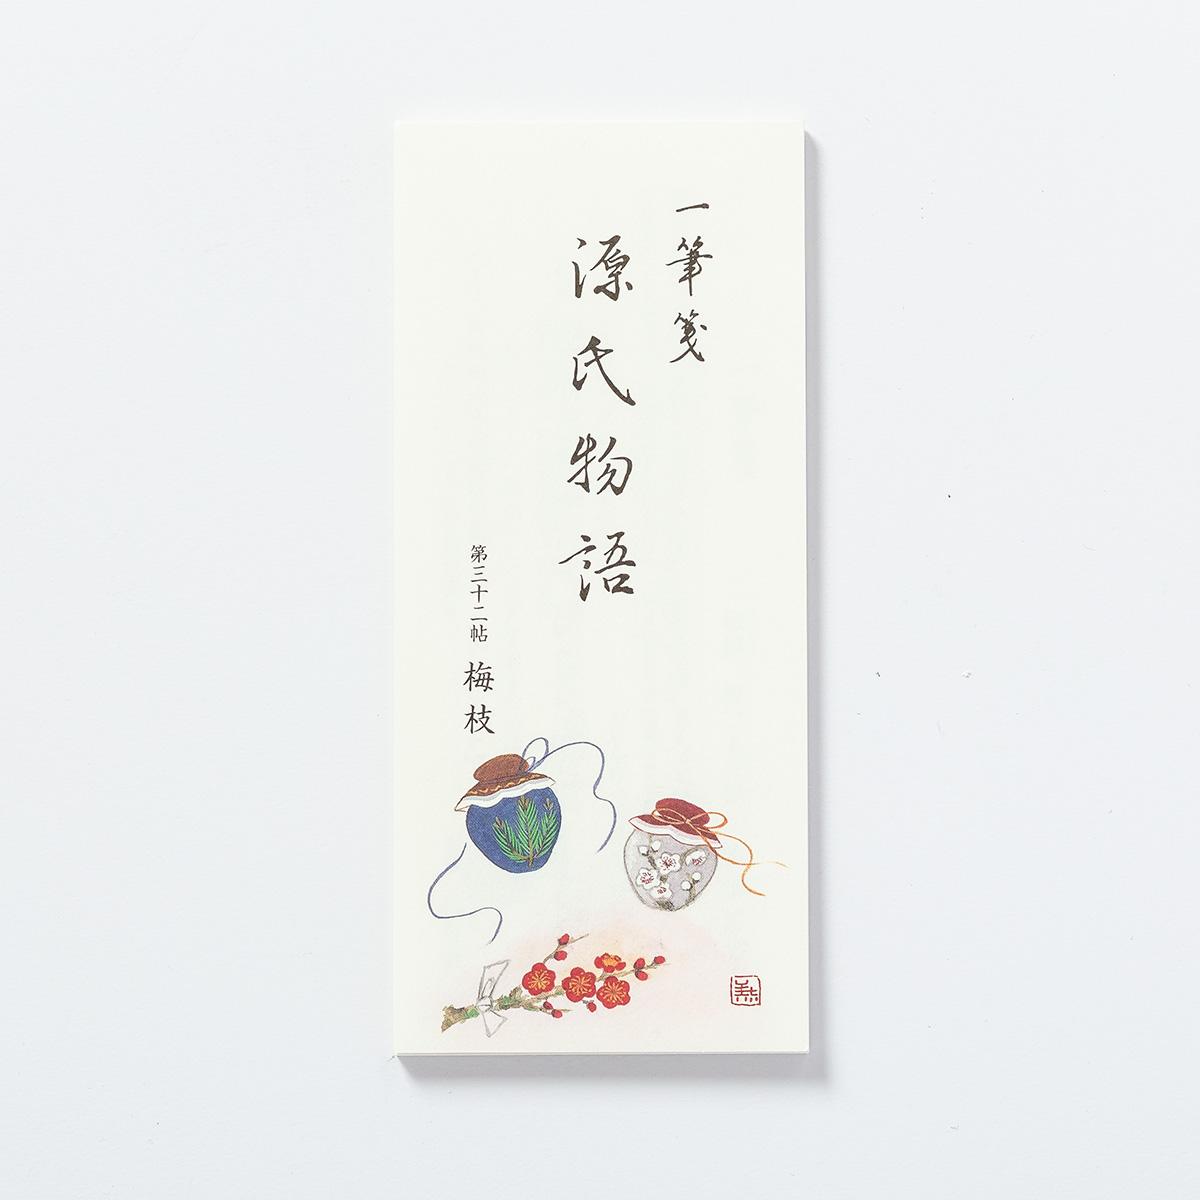 源氏物語一筆箋 第32帖「梅枝」